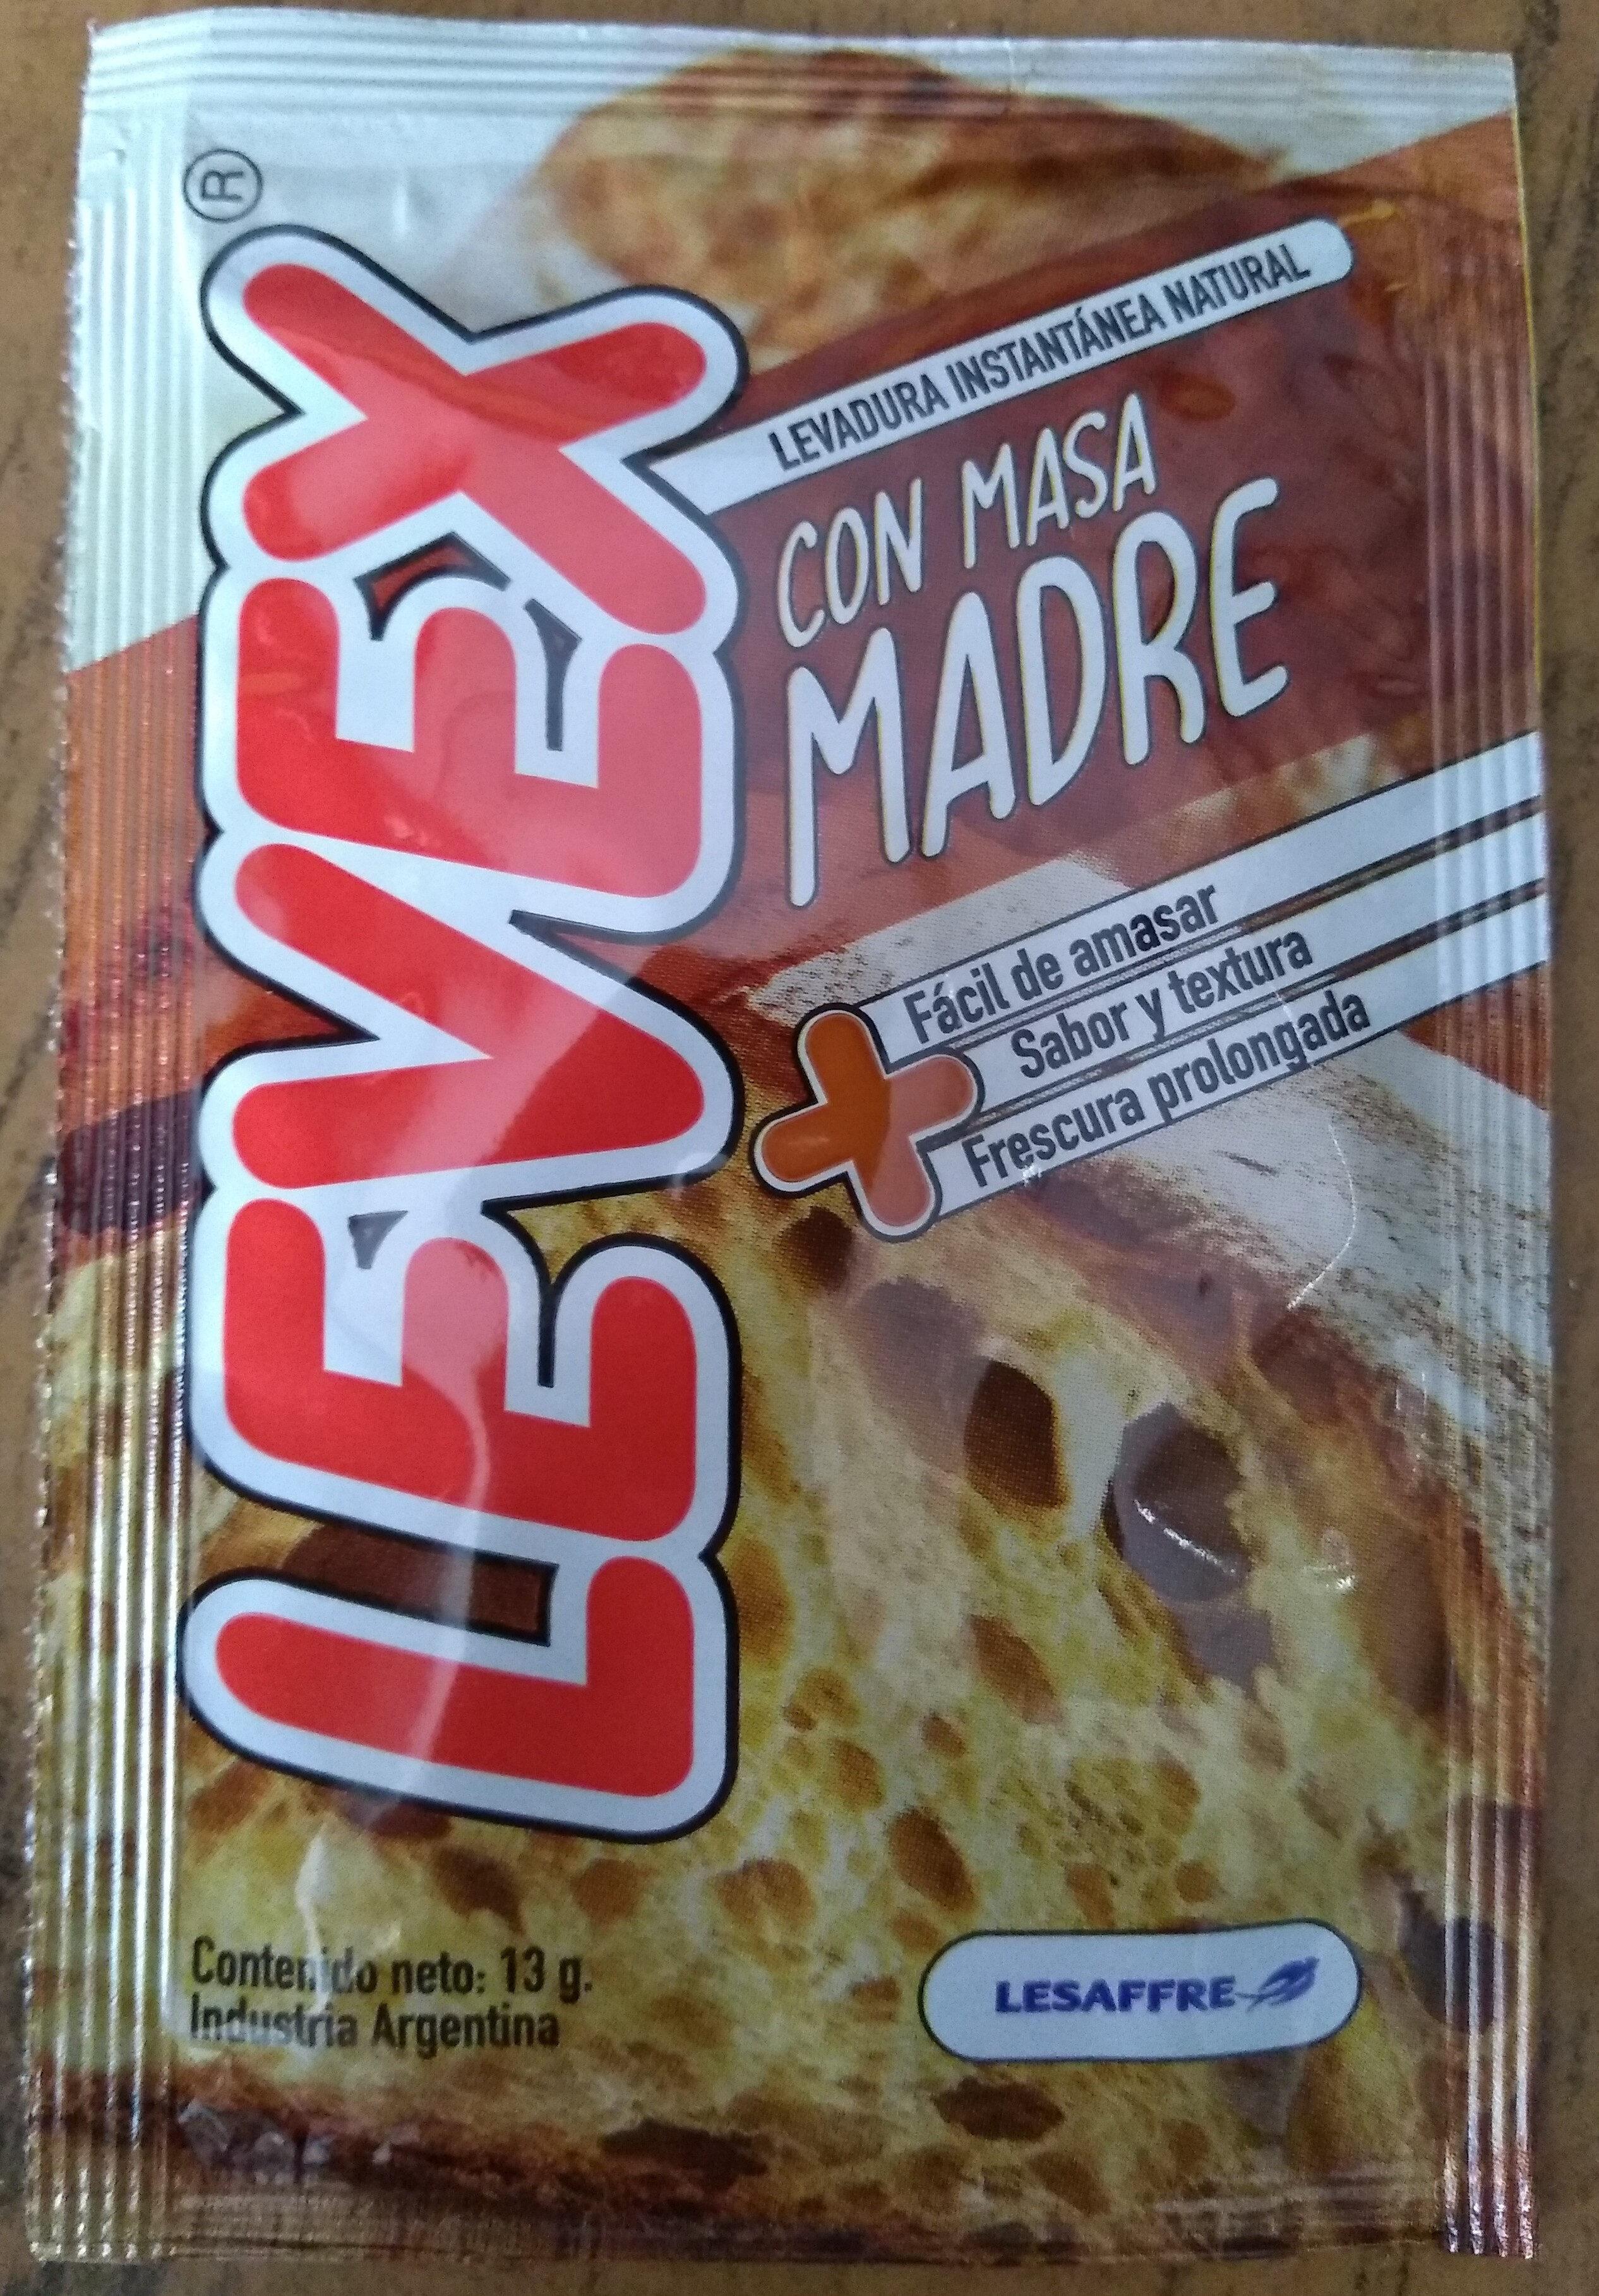 Levex con masa madre - Prodotto - es